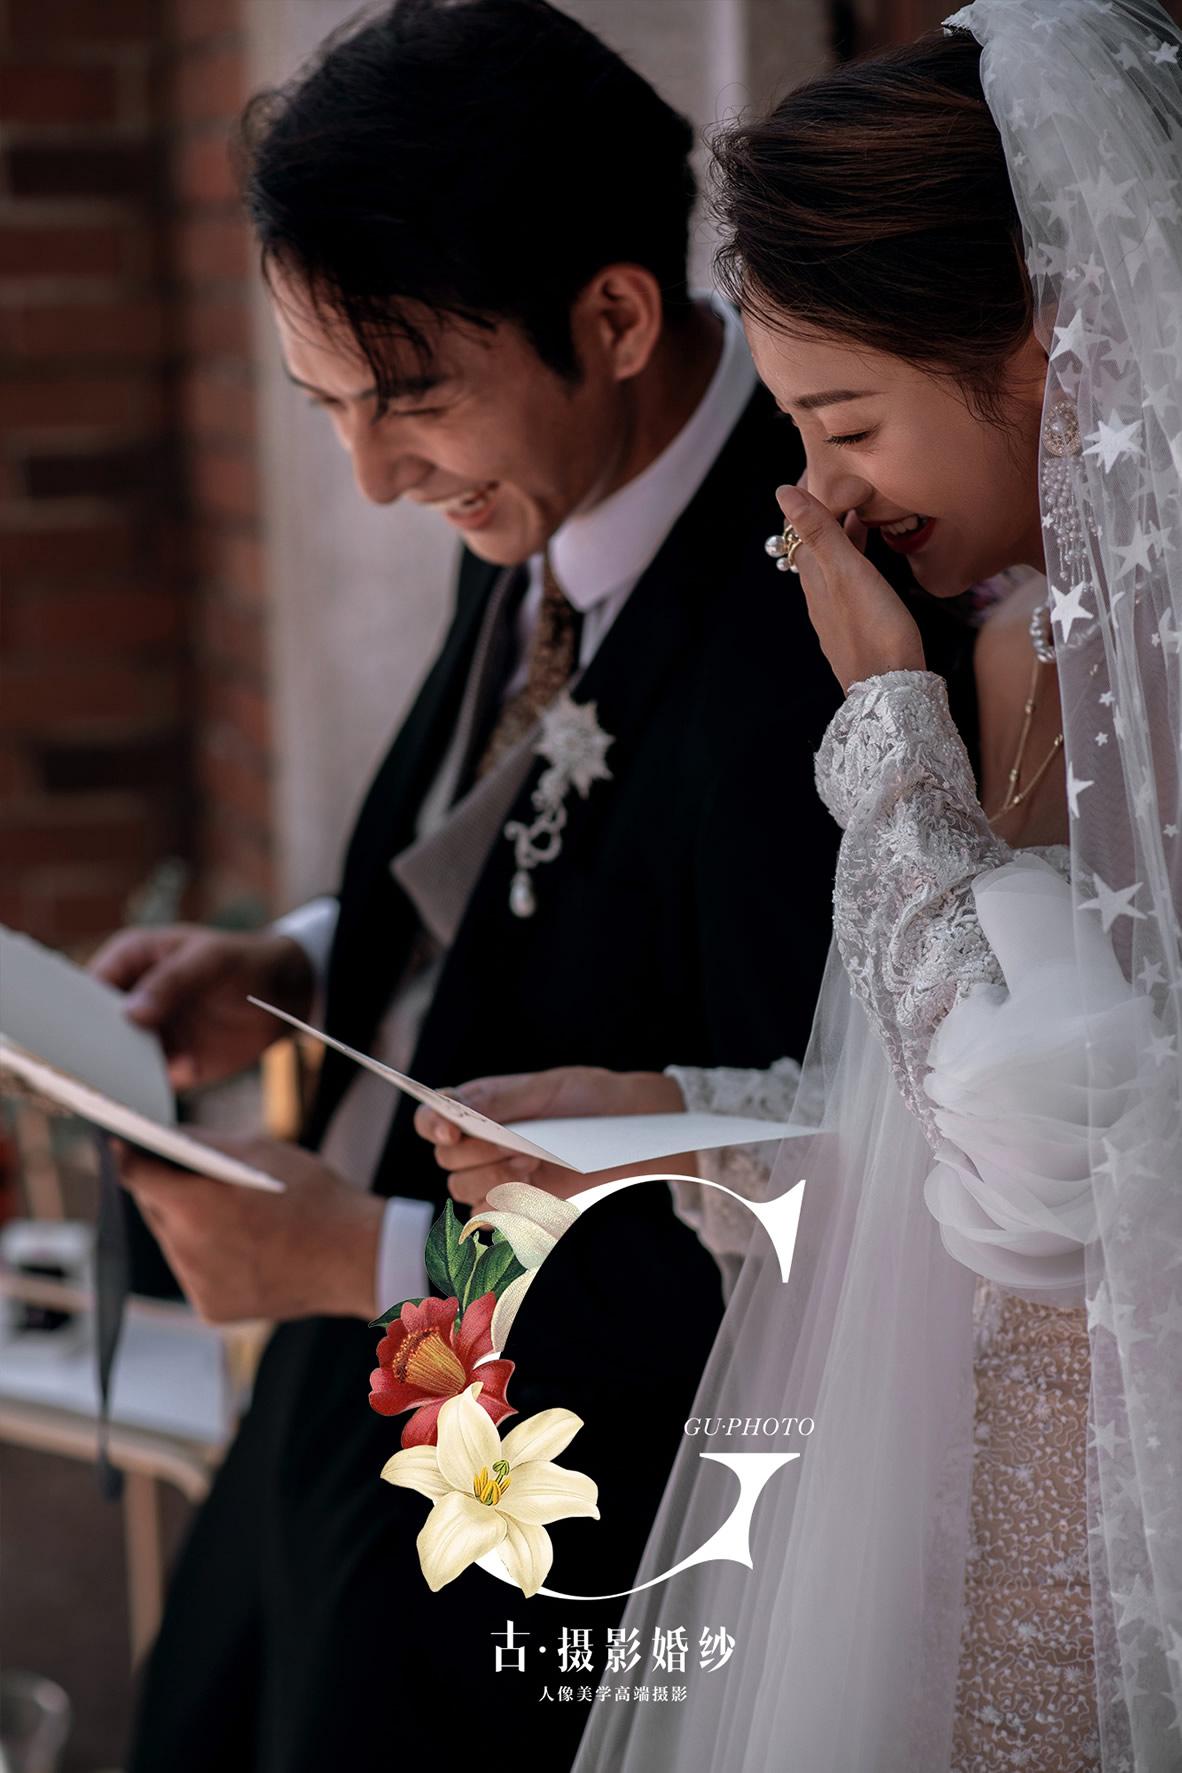 公主道 - 广州婚纱景点客照 - 广州婚纱摄影-广州古摄影官网